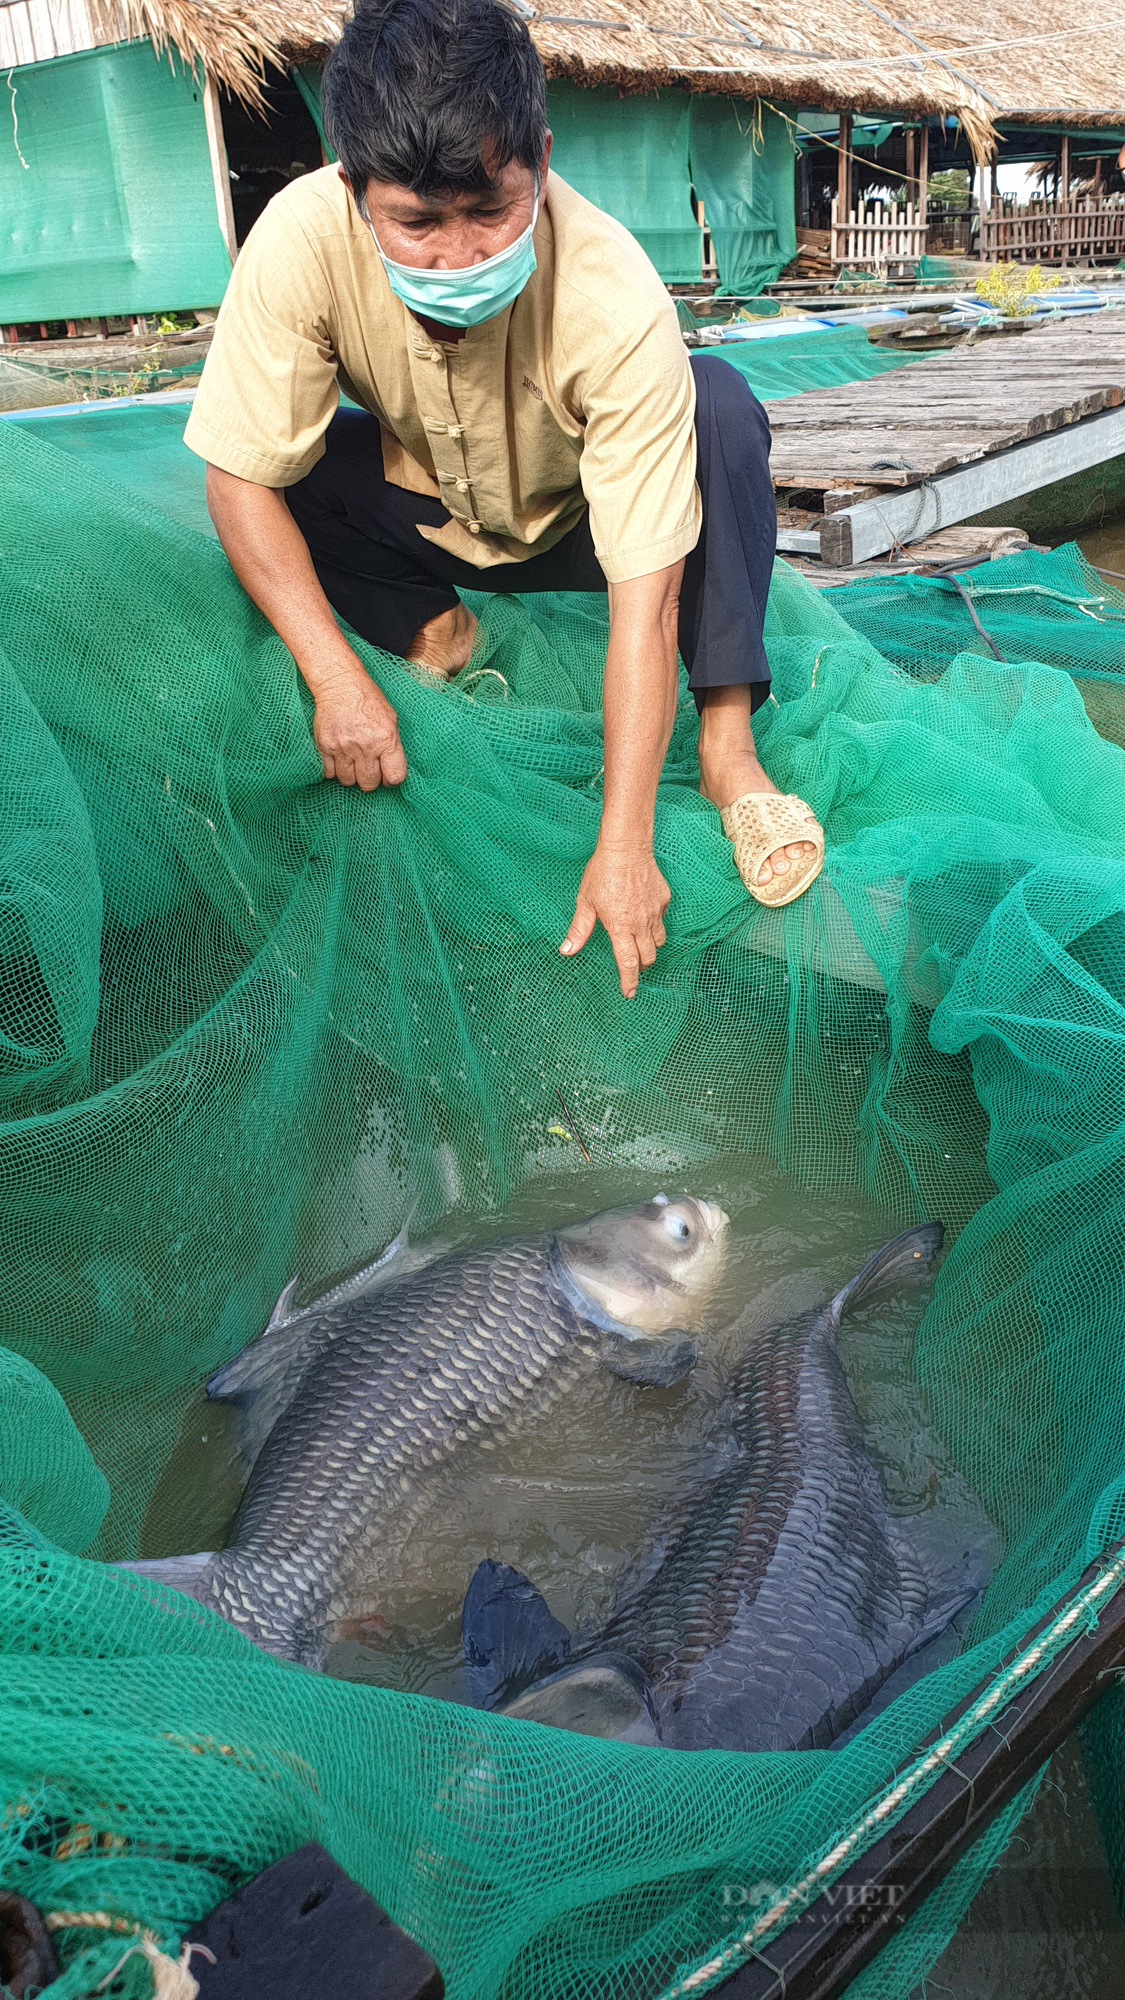 Người đàn ông làm giàu từ việc nuôi cá quý hiếm kết hợp với làm du lịch cộng đồng - Ảnh 2.